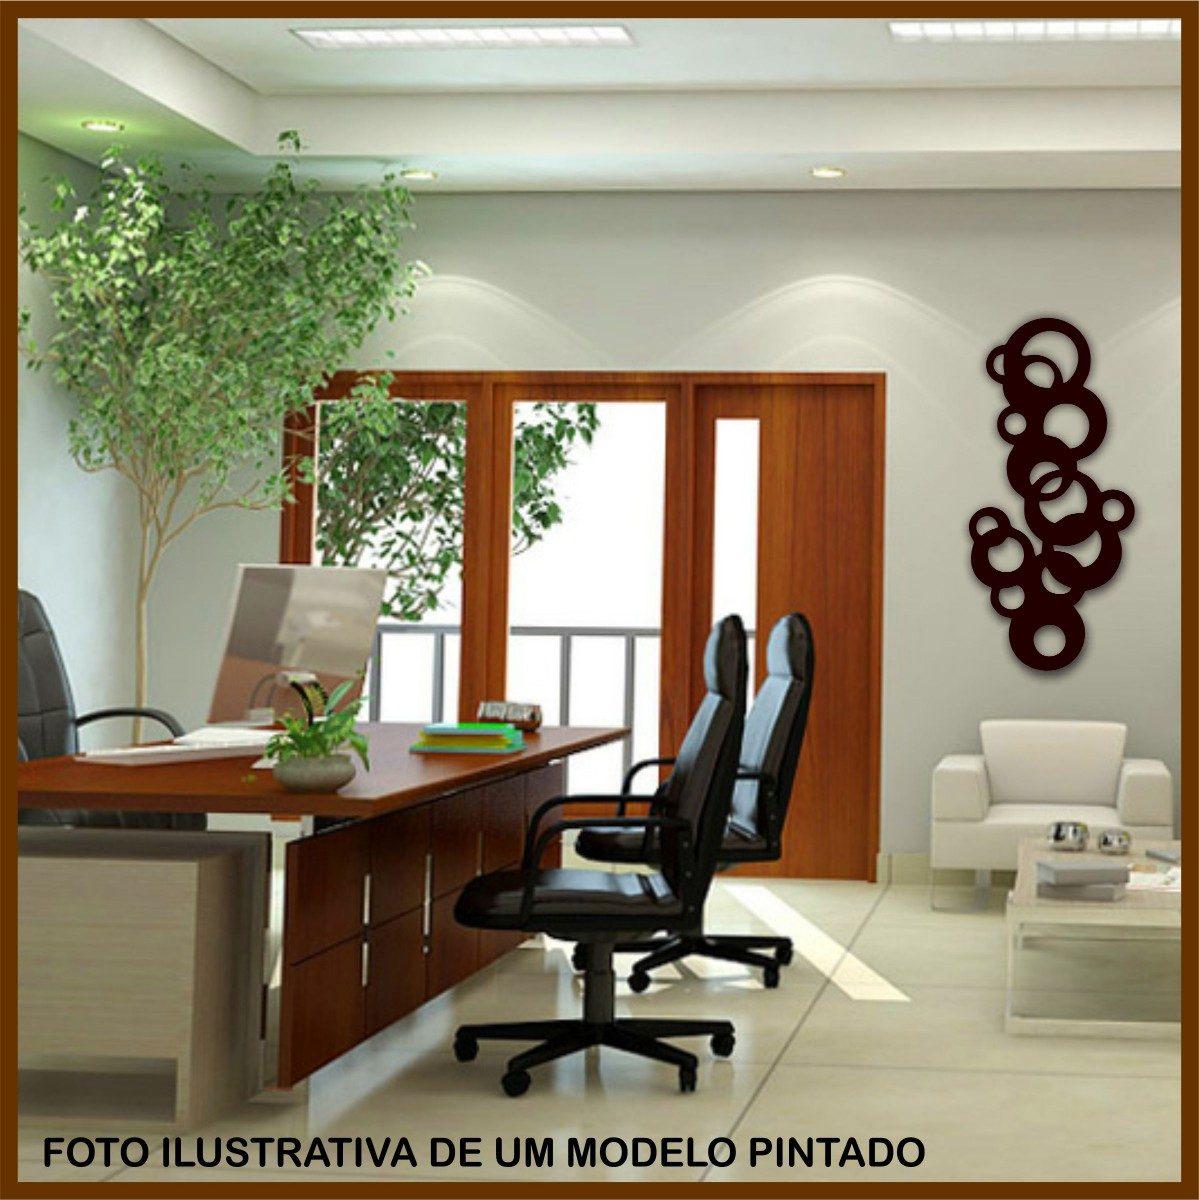 De Parede Escultura 1 Metro  Mdf Cru R$ 78 90 em Mercado Livre #6F360E 1199x1200